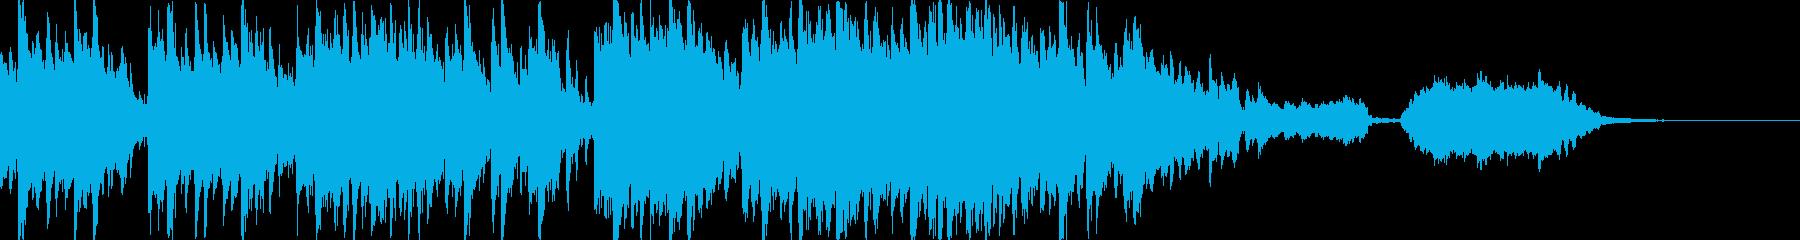 穏やかな和風情緒を感じる和曲-短縮版-の再生済みの波形